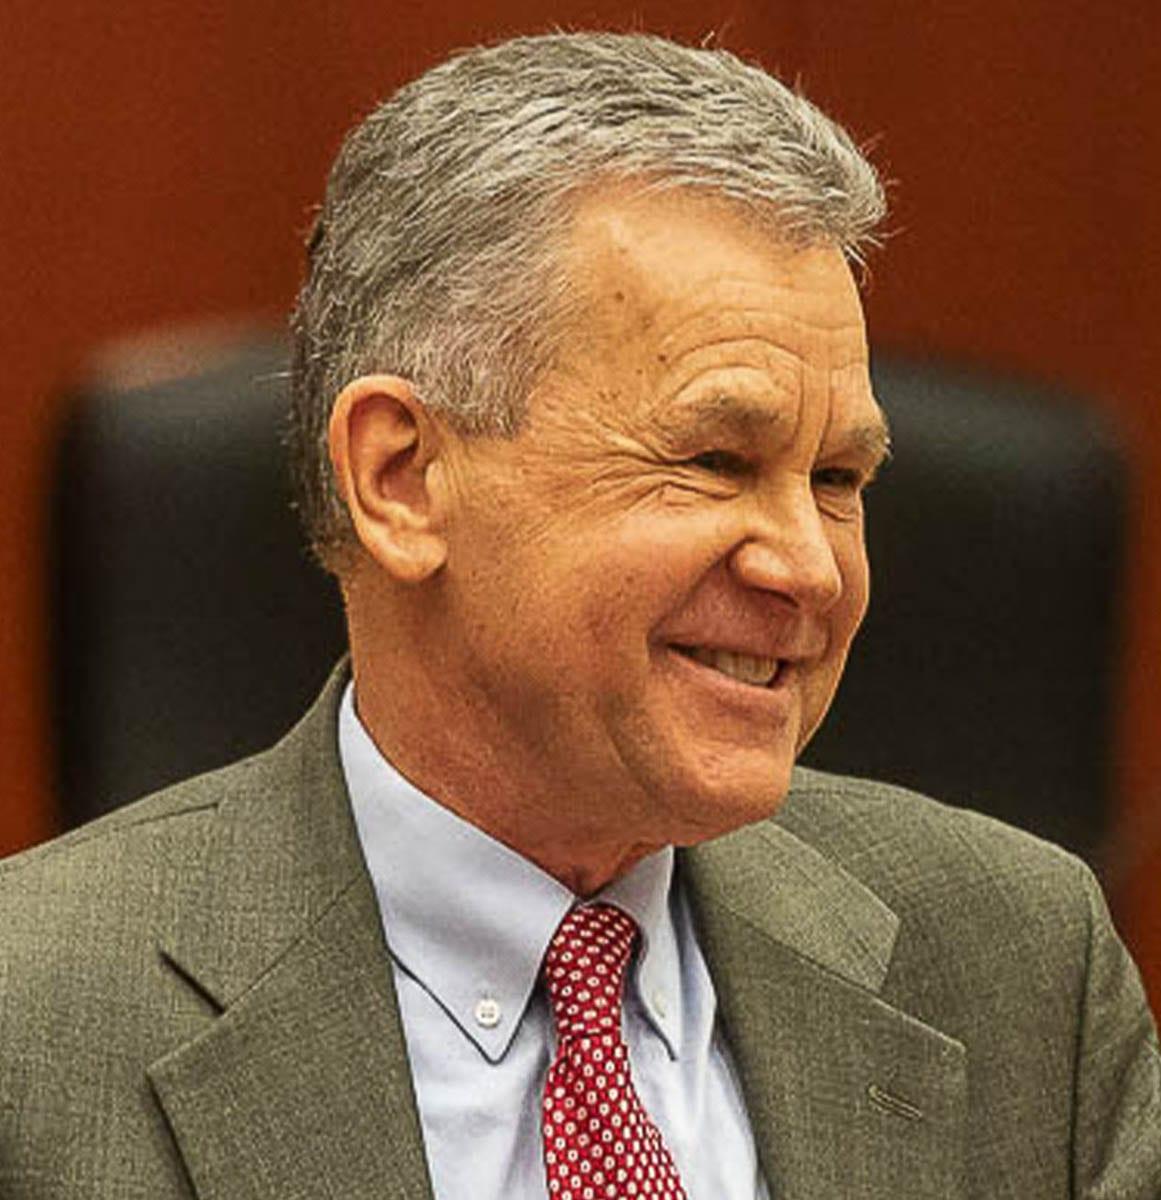 Councilor Gary Medvigy